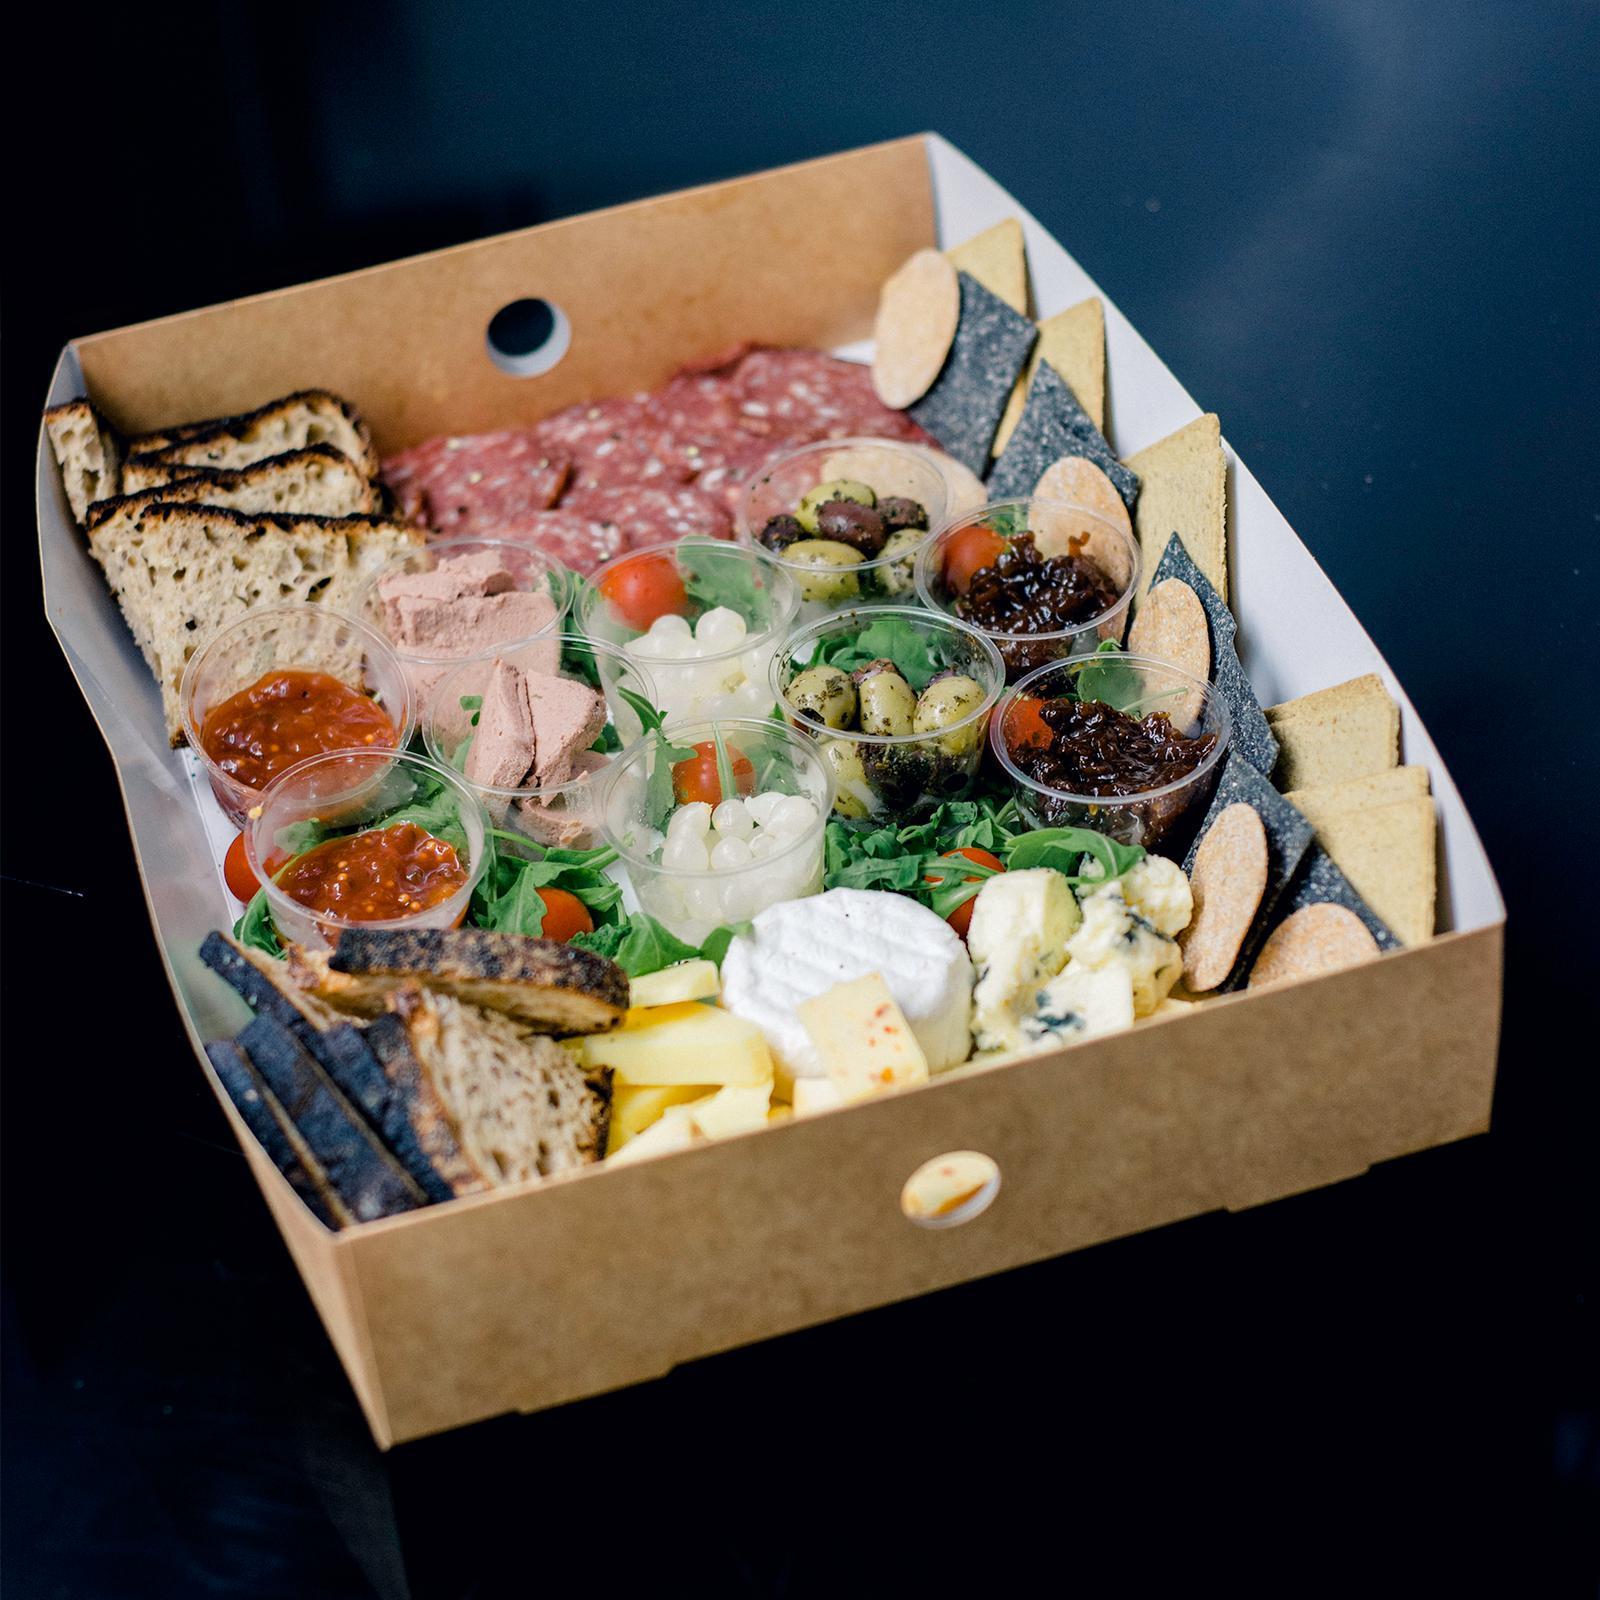 SprEH platter full of Scottish produce